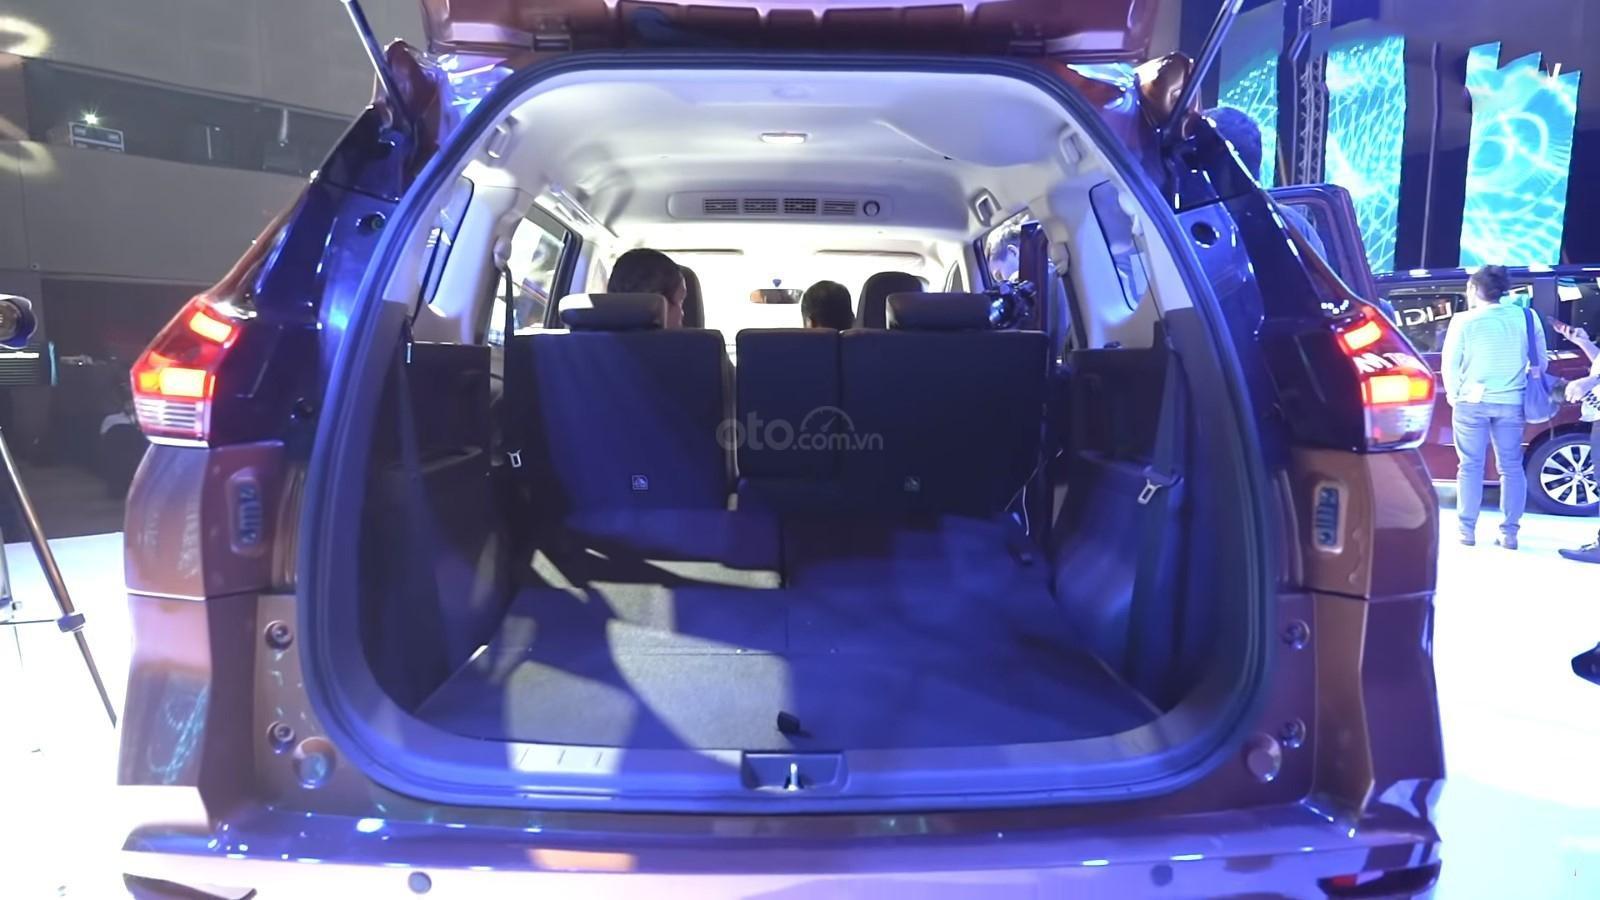 Ảnh chụp khoang hành lý xe Nissan Grand Livina 2020